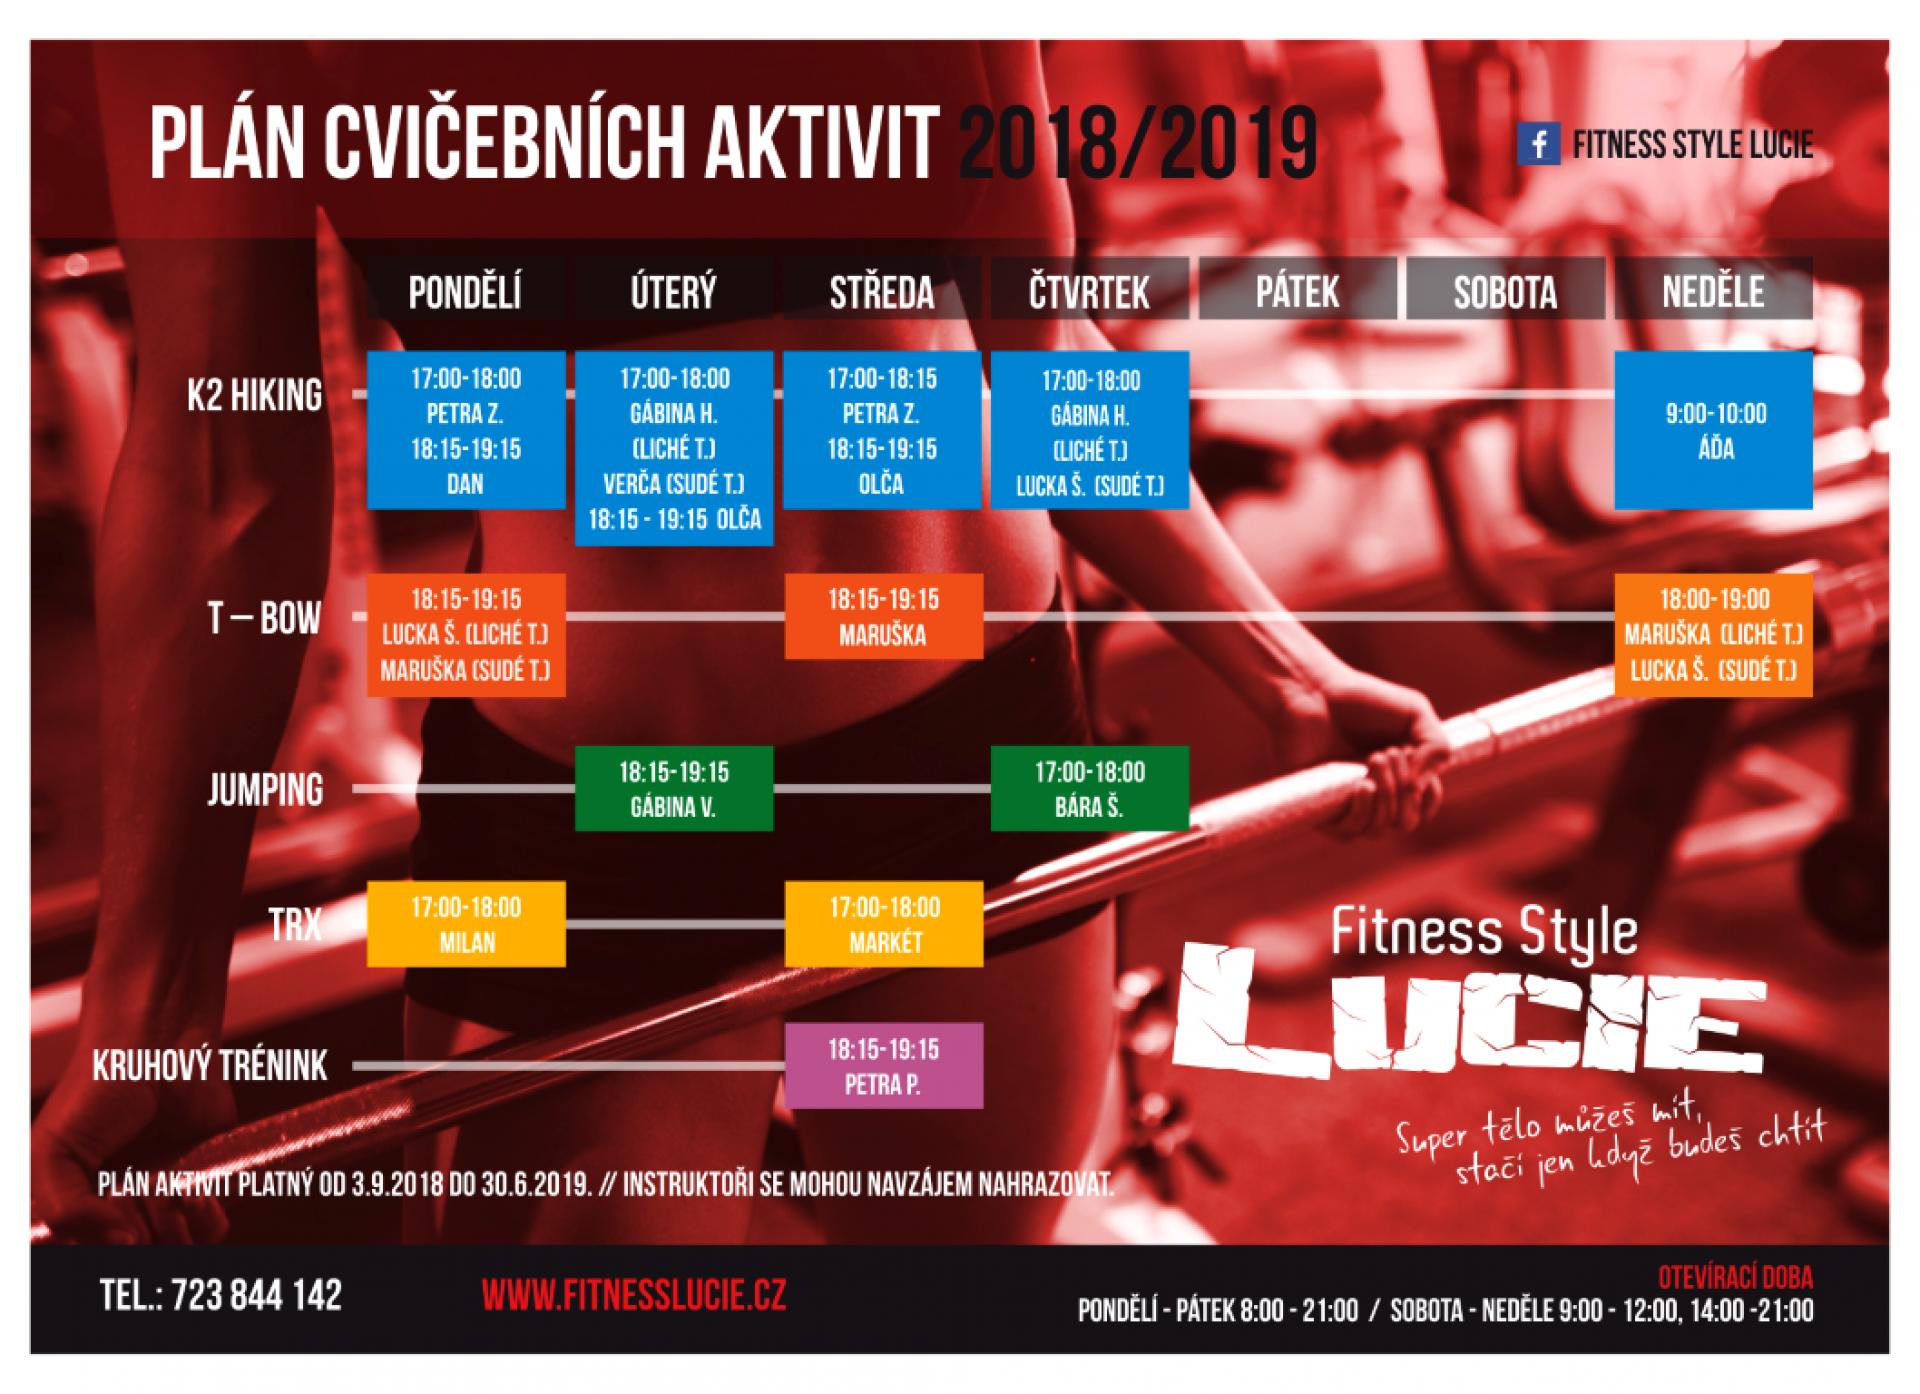 Plán cvičebních aktivit 2018/2019